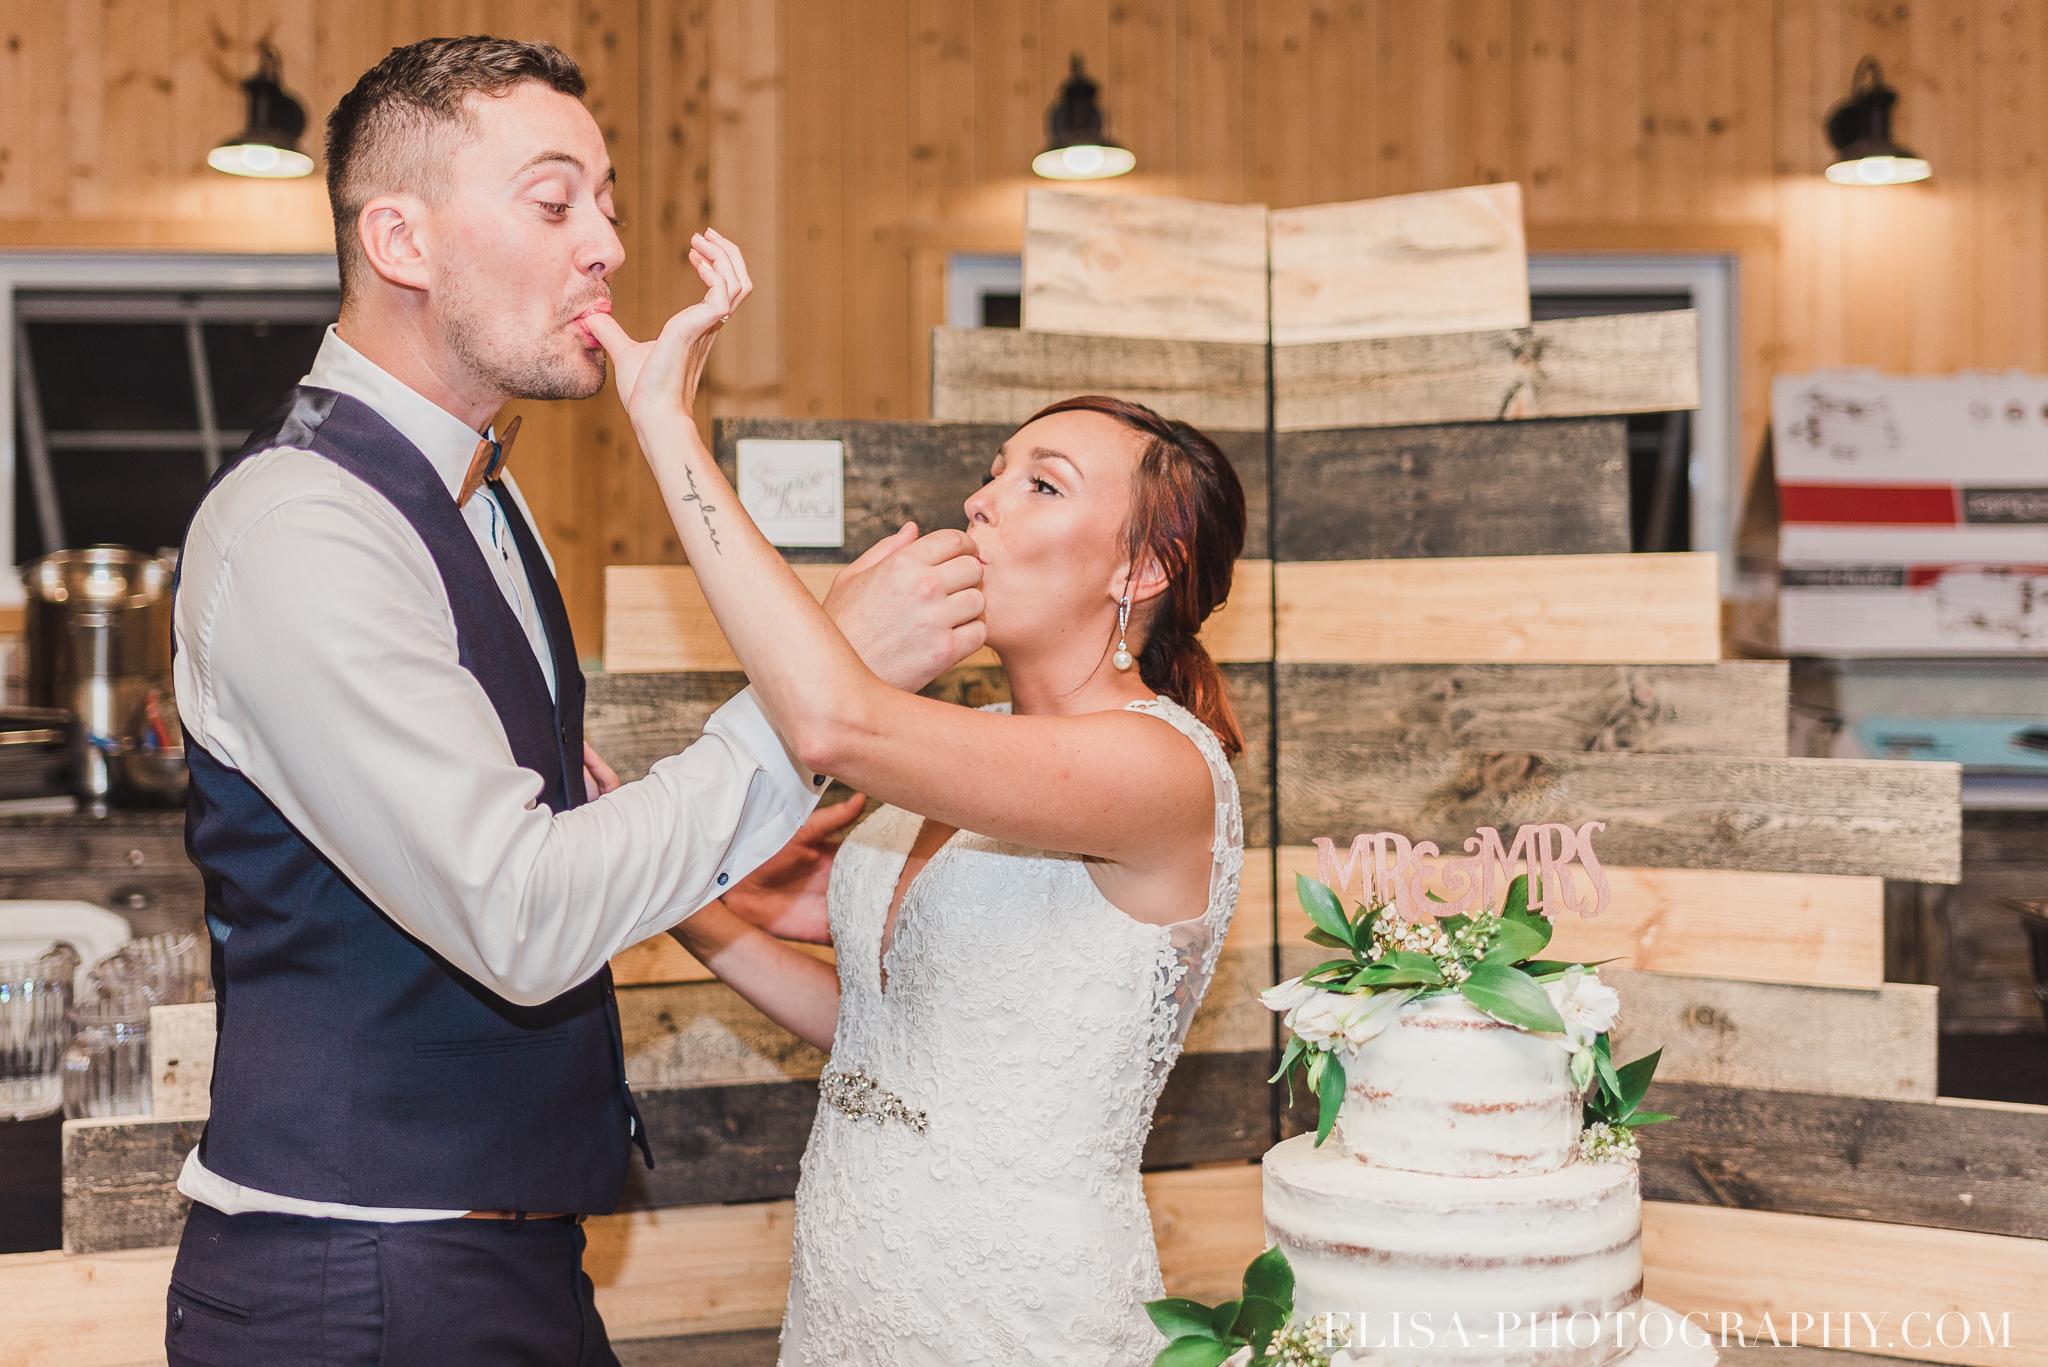 photo mariage ferme genest reception verger pommier quebec coupe gateau 2319 - Smoke bomb et mariage dans les vergers de la Ferme Genest à Saint-Nicolas